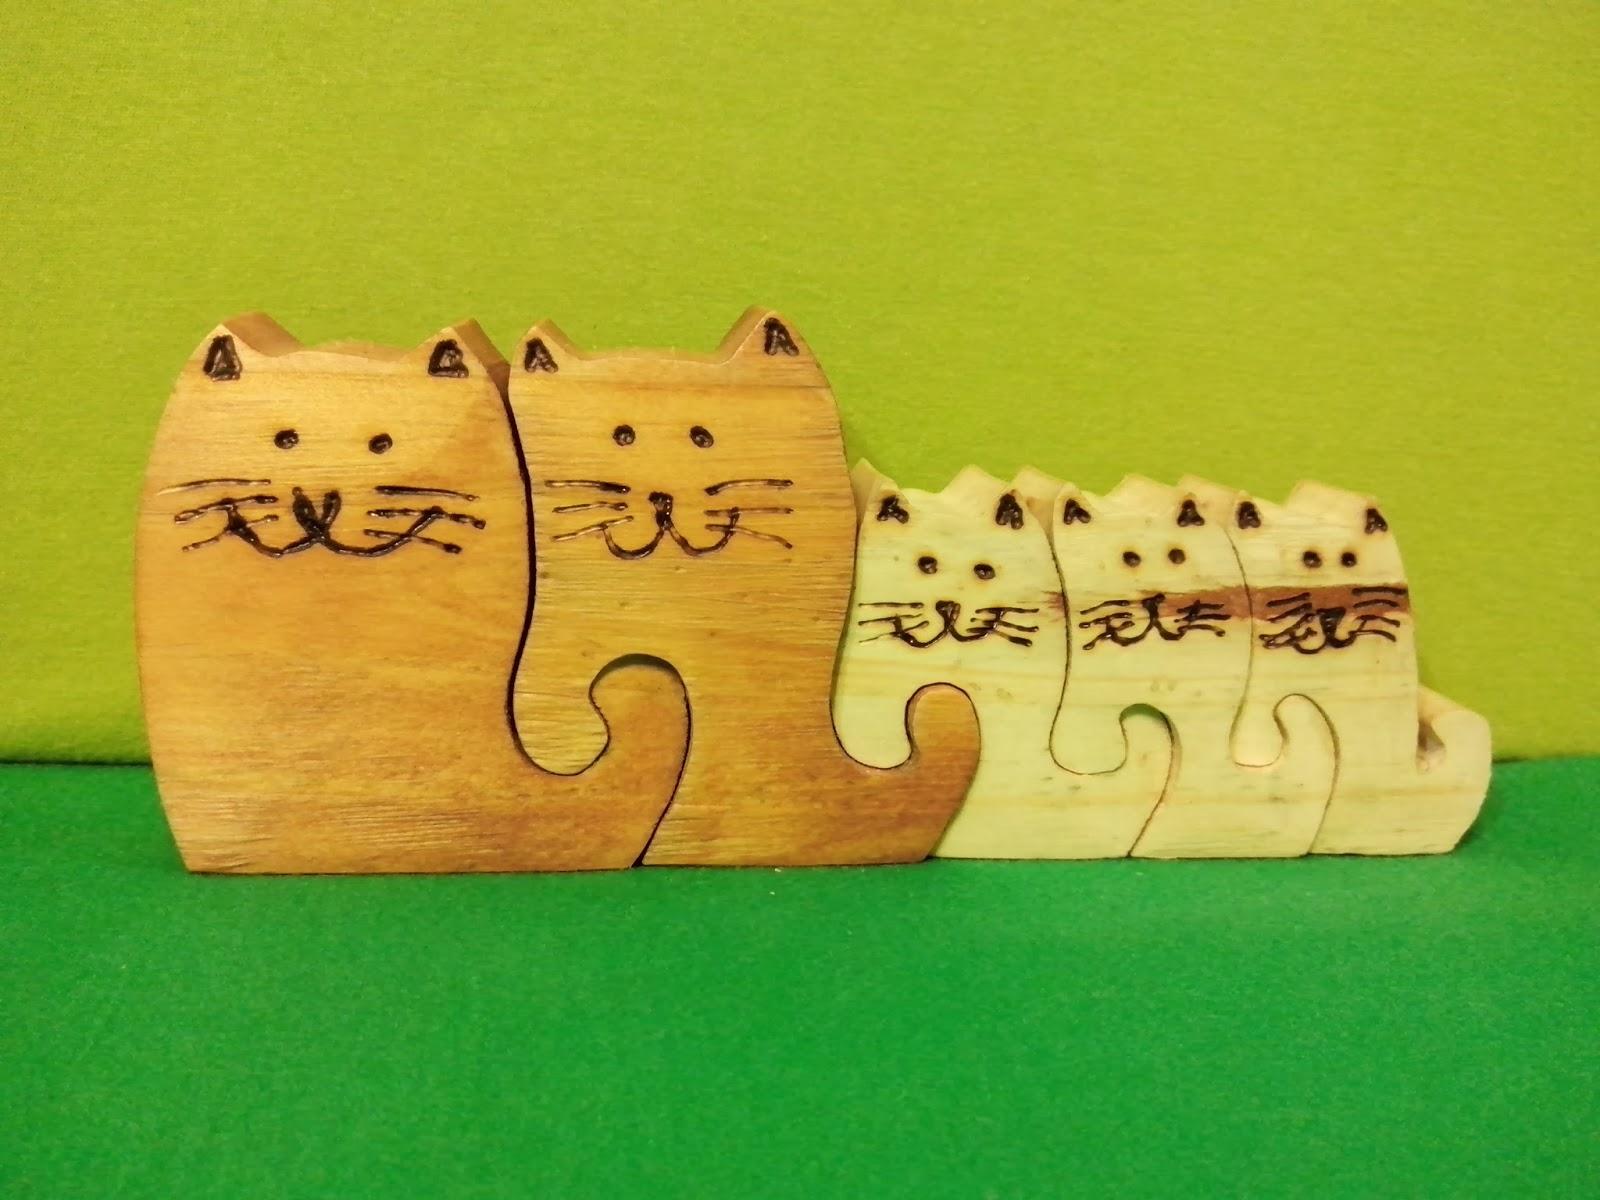 brinquedos madeira brasilia df pedagogicos